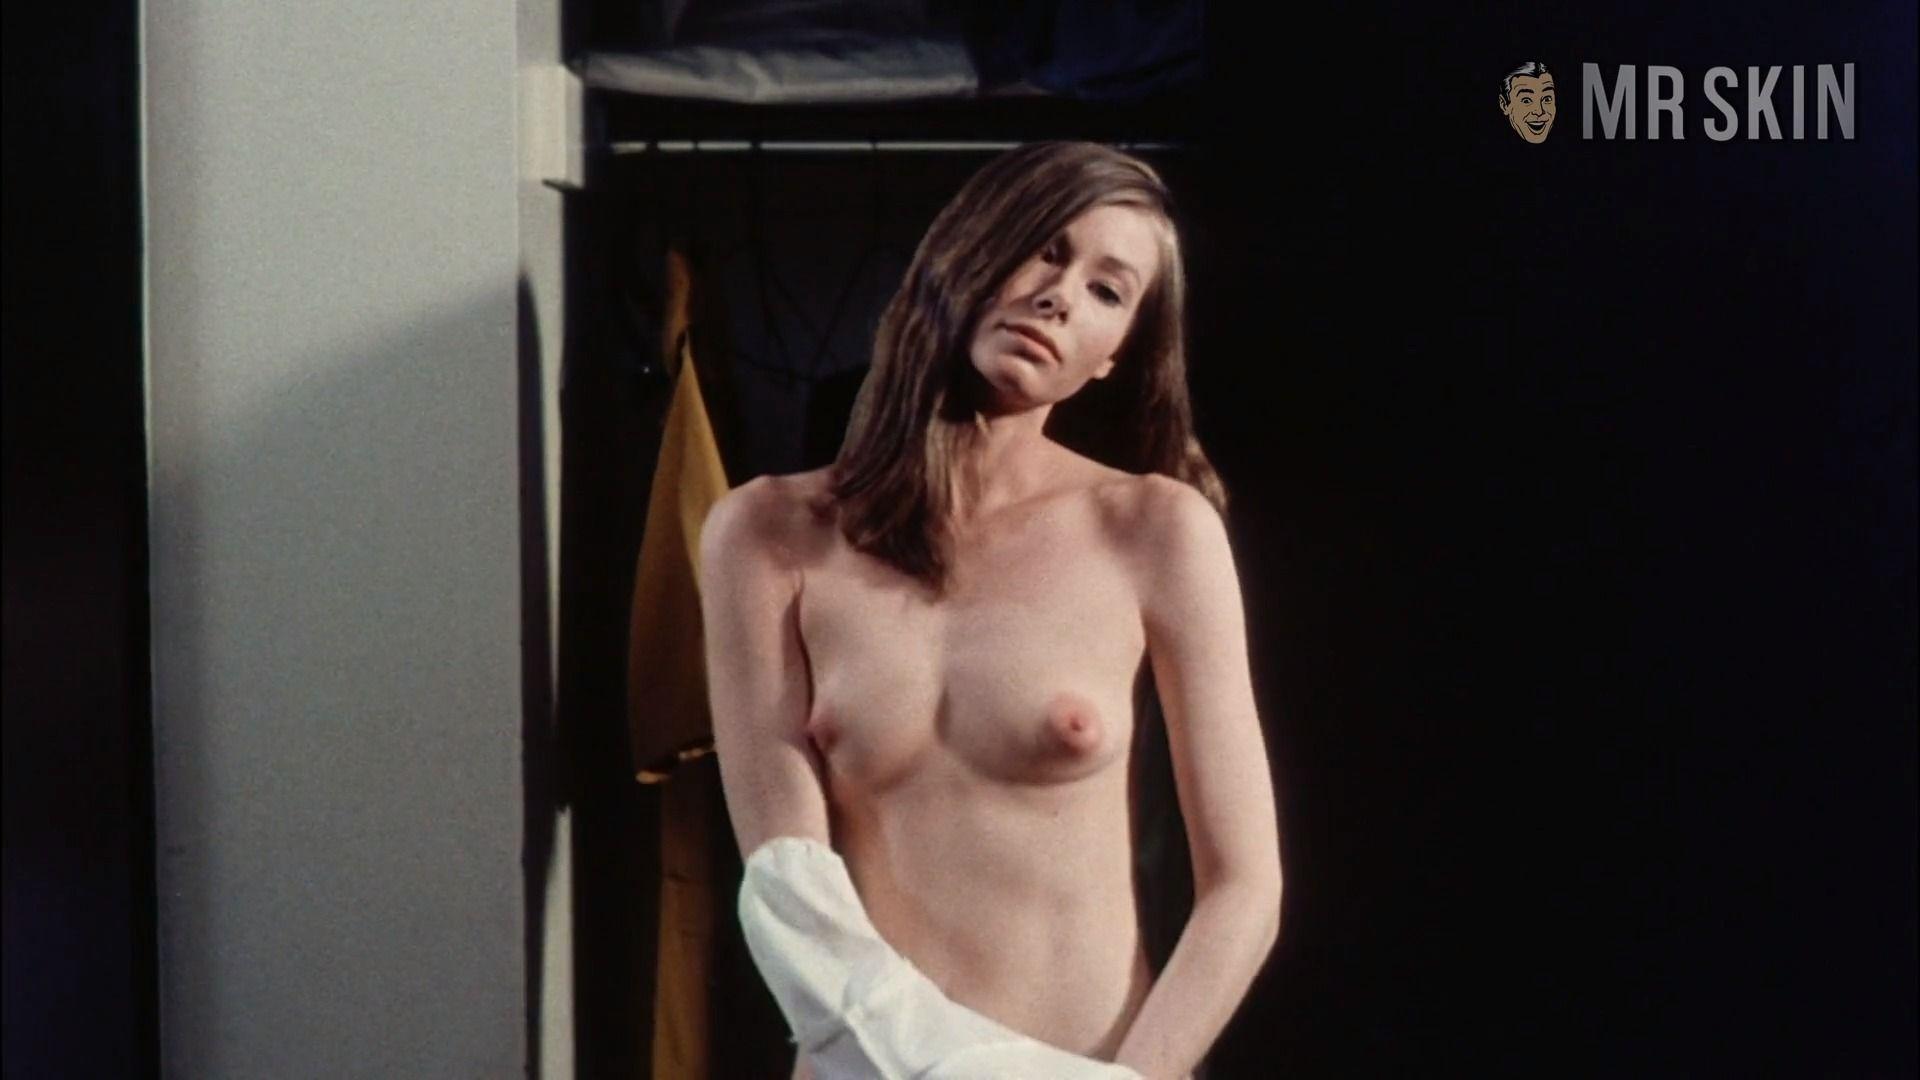 Skins Nude Scene